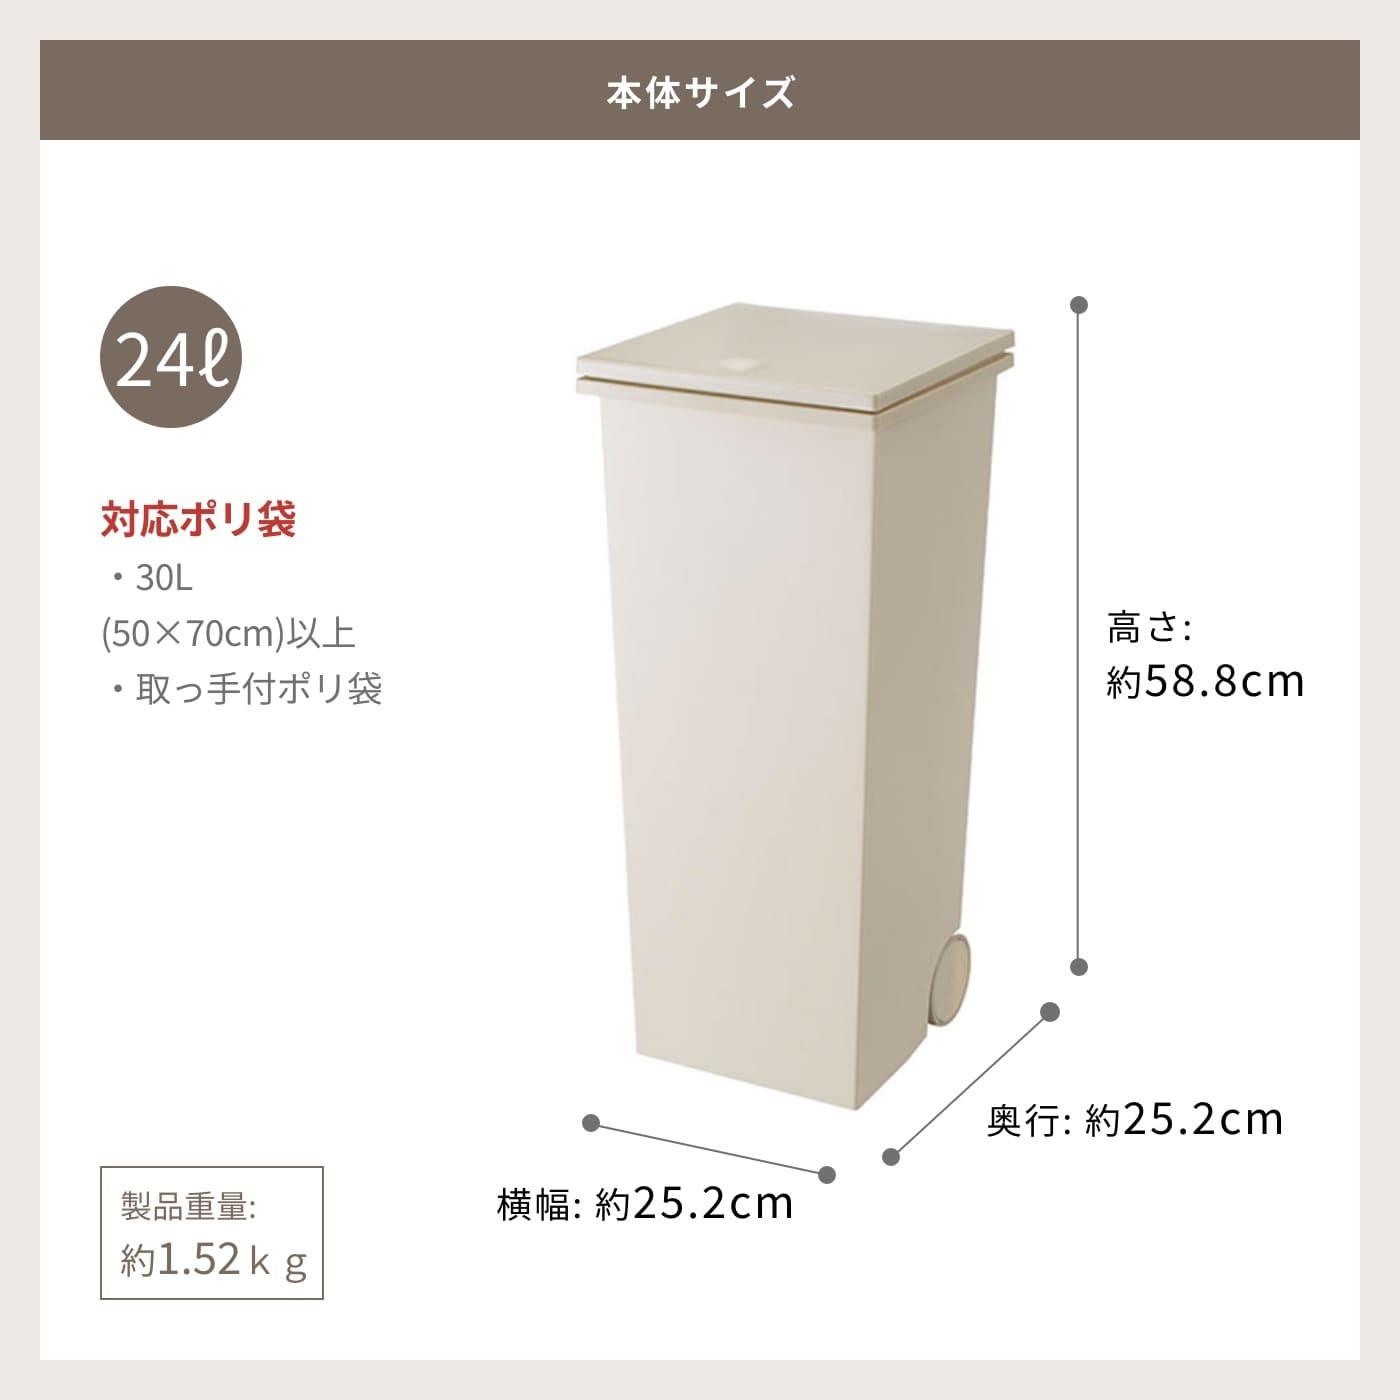 本体サイズ 24L 高さ約58.8cm 横幅約25.2cm 奥行約25.2cm